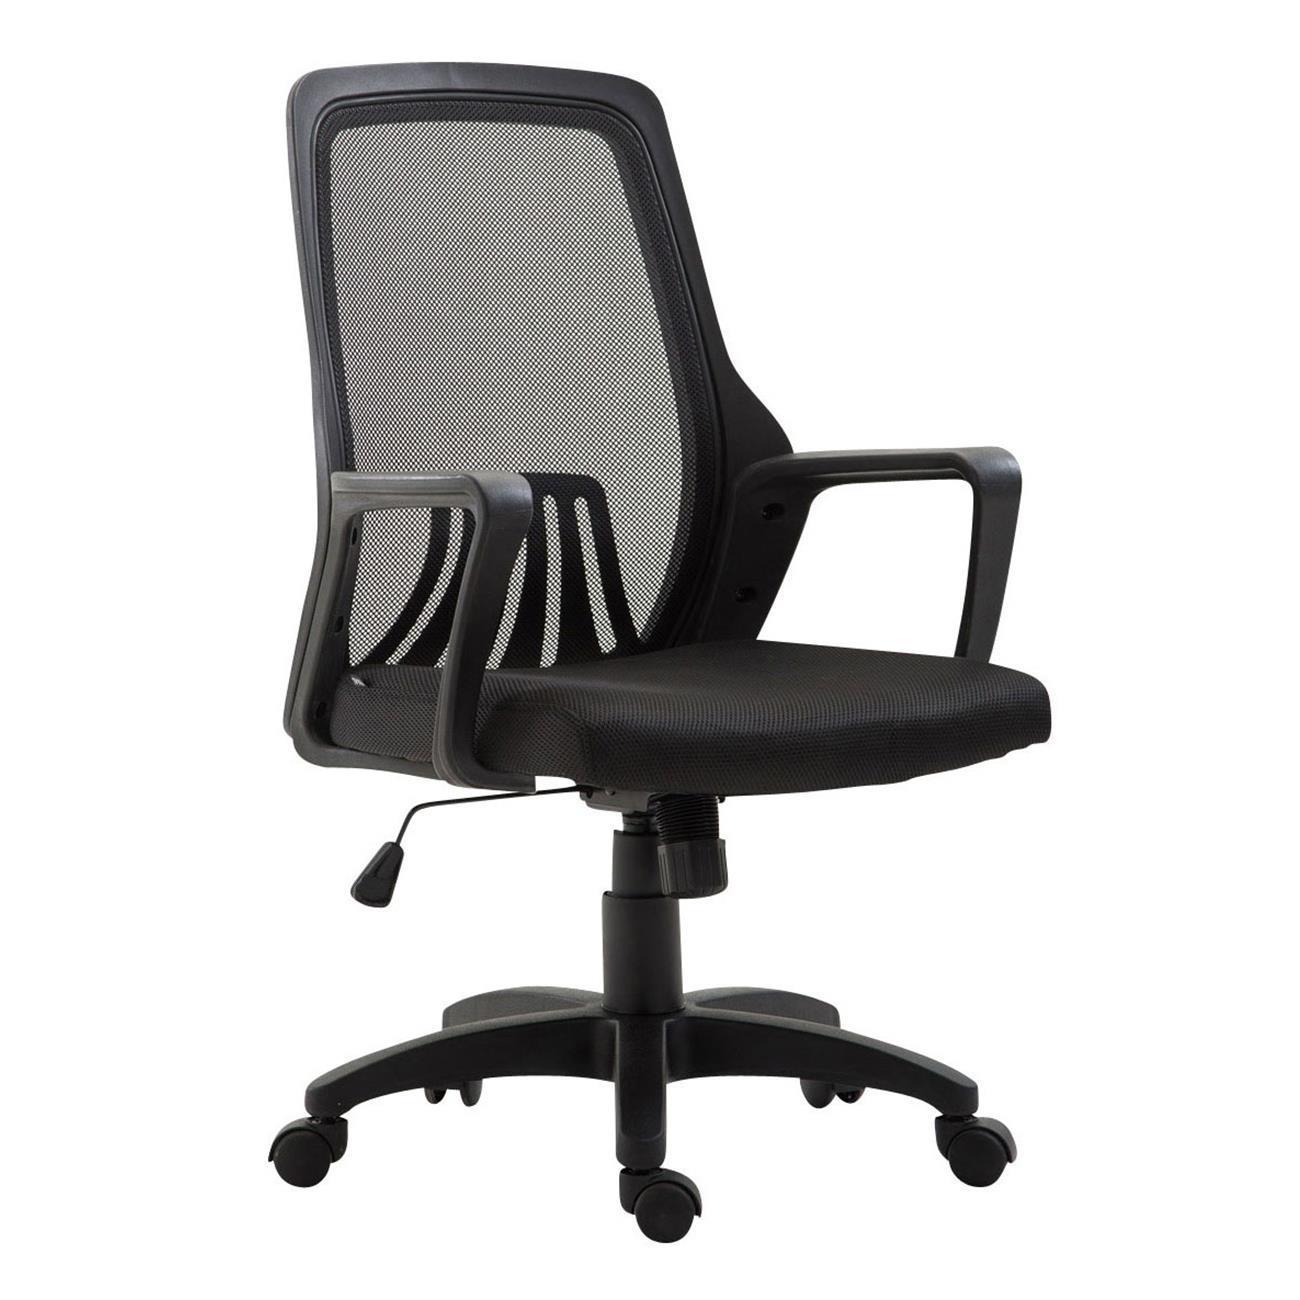 Chaise De Bureau CLIVEN Support Lombaire Mecanisme Basculant Noir